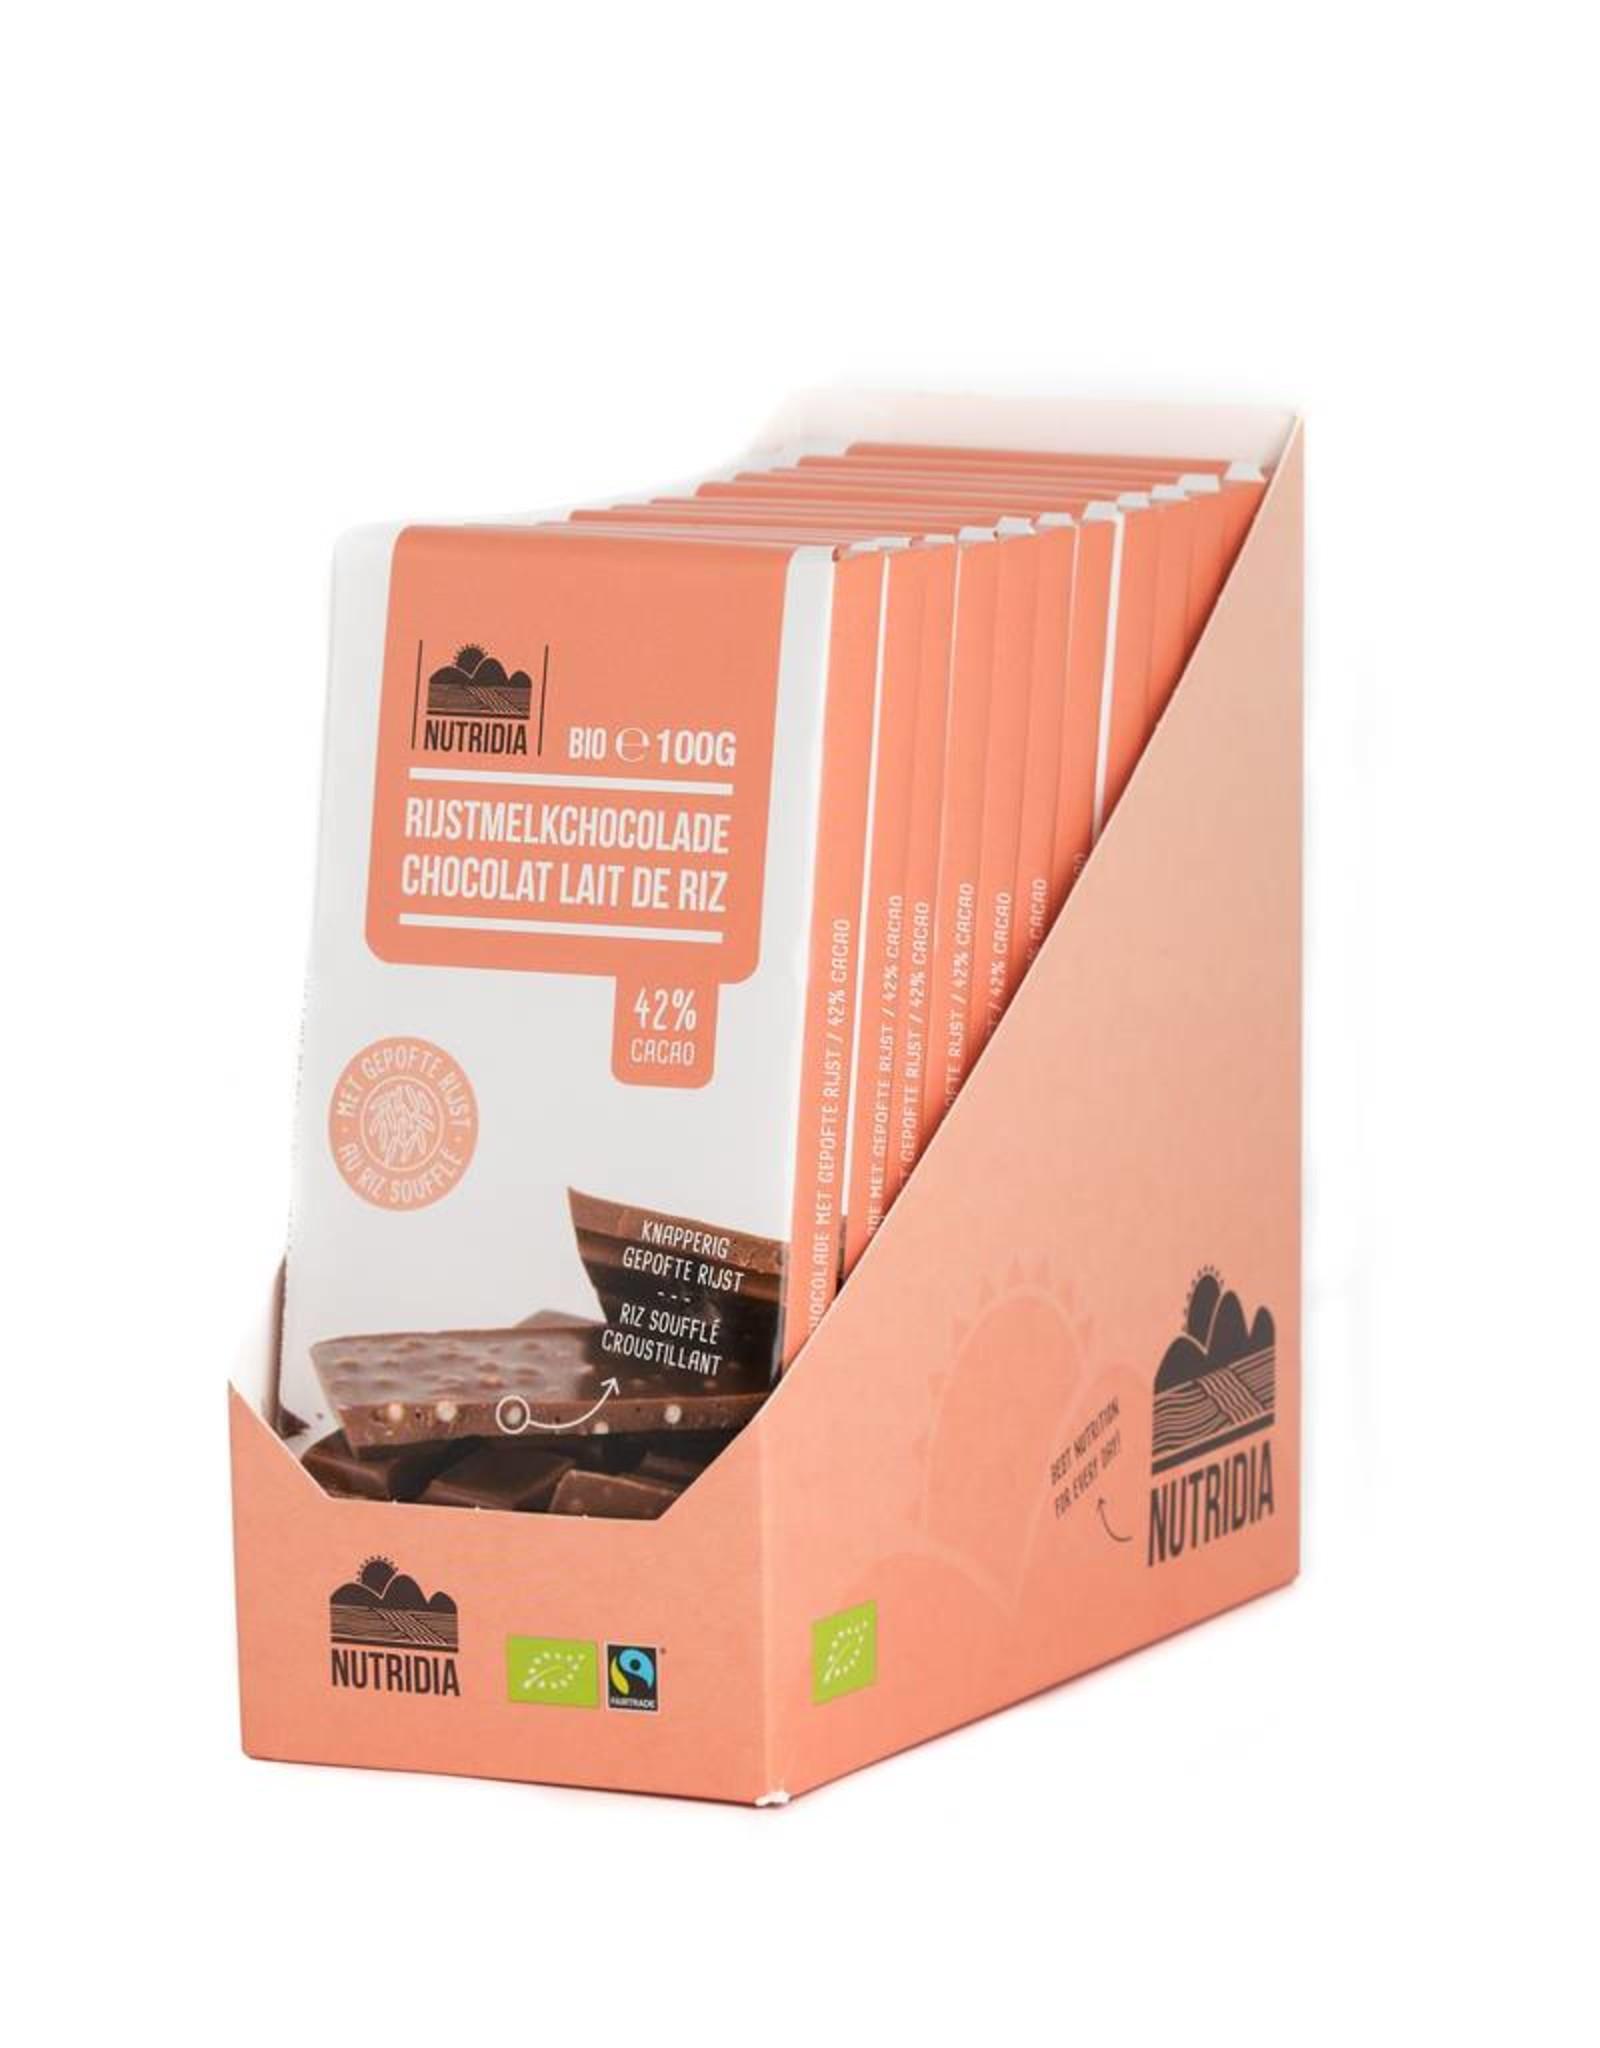 Nutridia Tablette chocolat lait de riz (soufflé) bio 100g 12 pièces